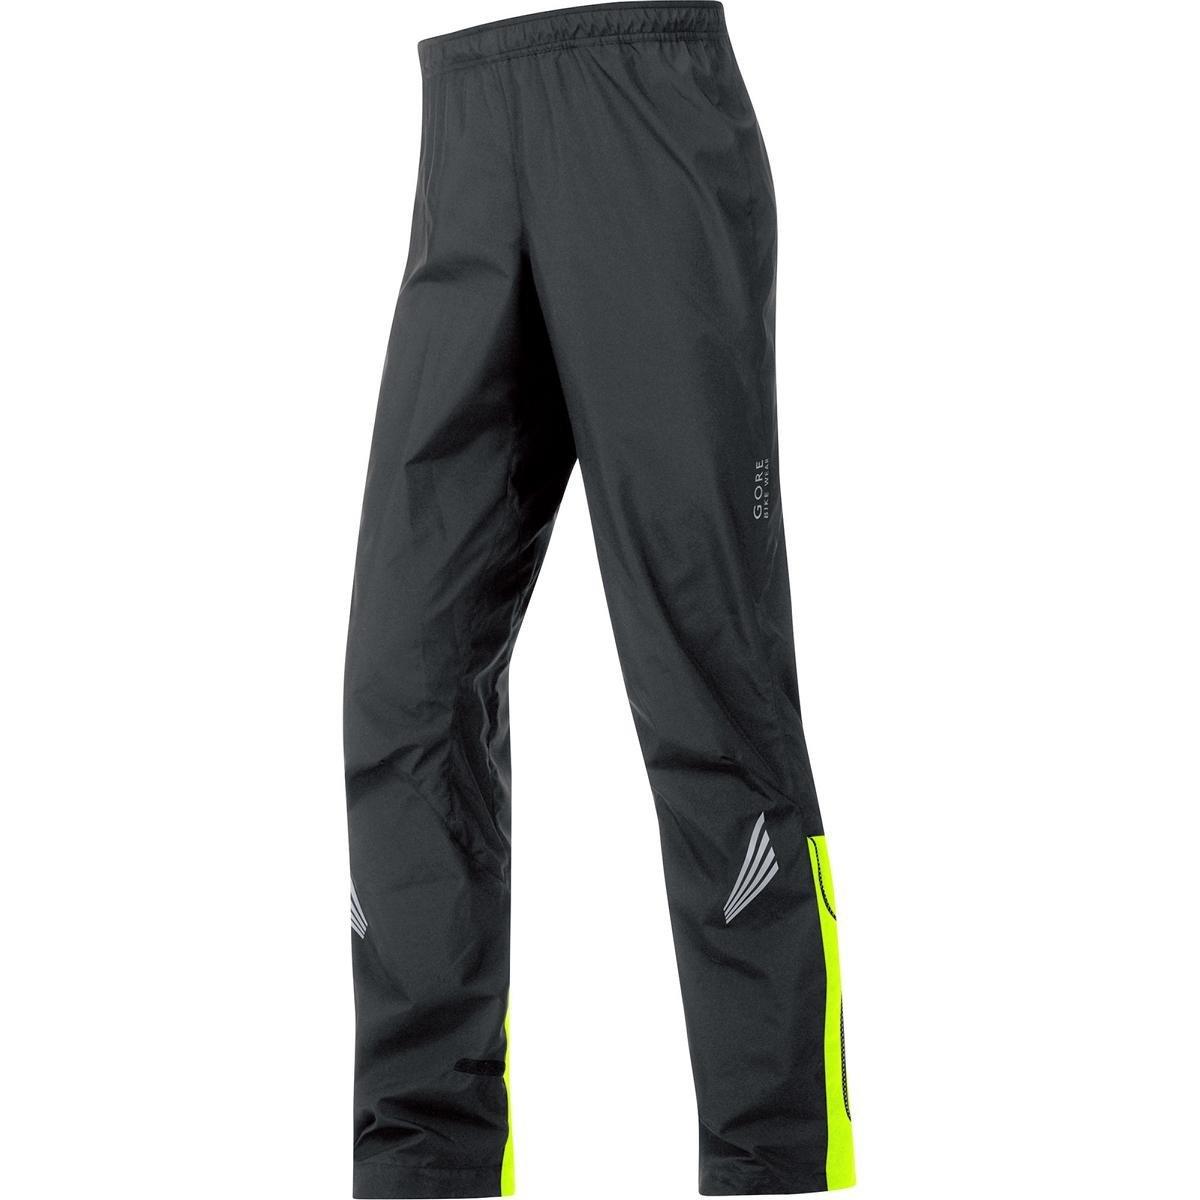 GORE BIKE WEAR Men's Element Windstopper Active Shell Pants